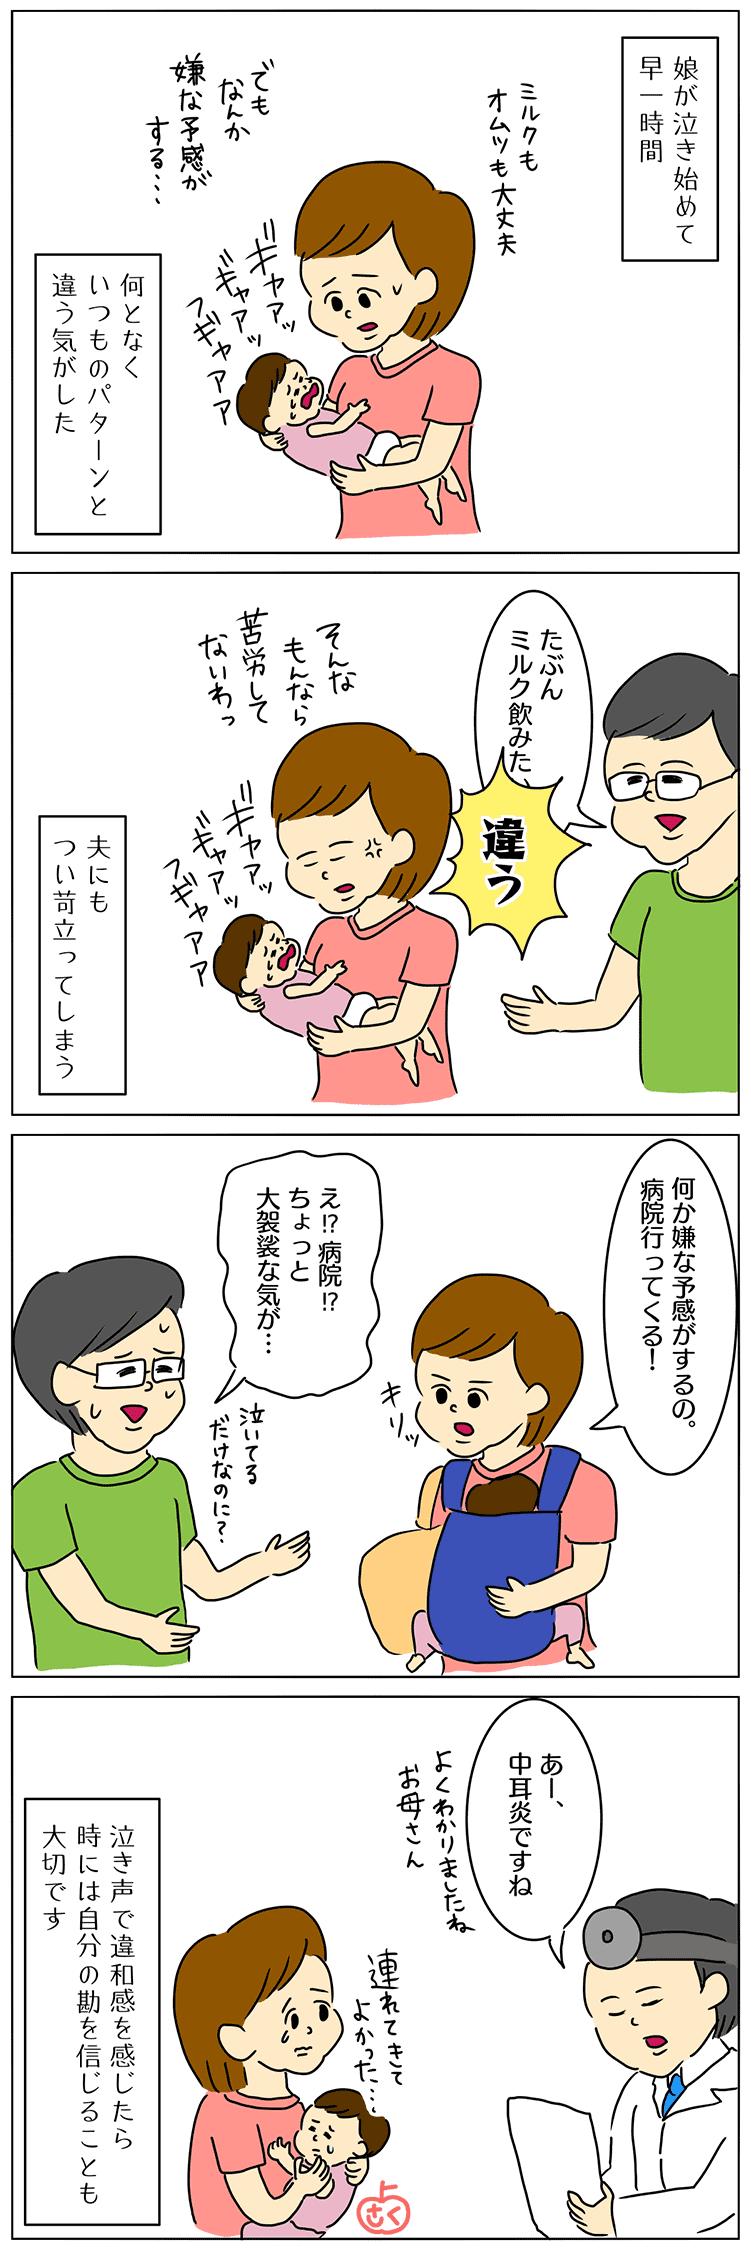 赤ちゃん 出産 おしゃれまとめの人気アイデア Pinterest Tama 赤ちゃん 子ども 子育て 新生児 準備